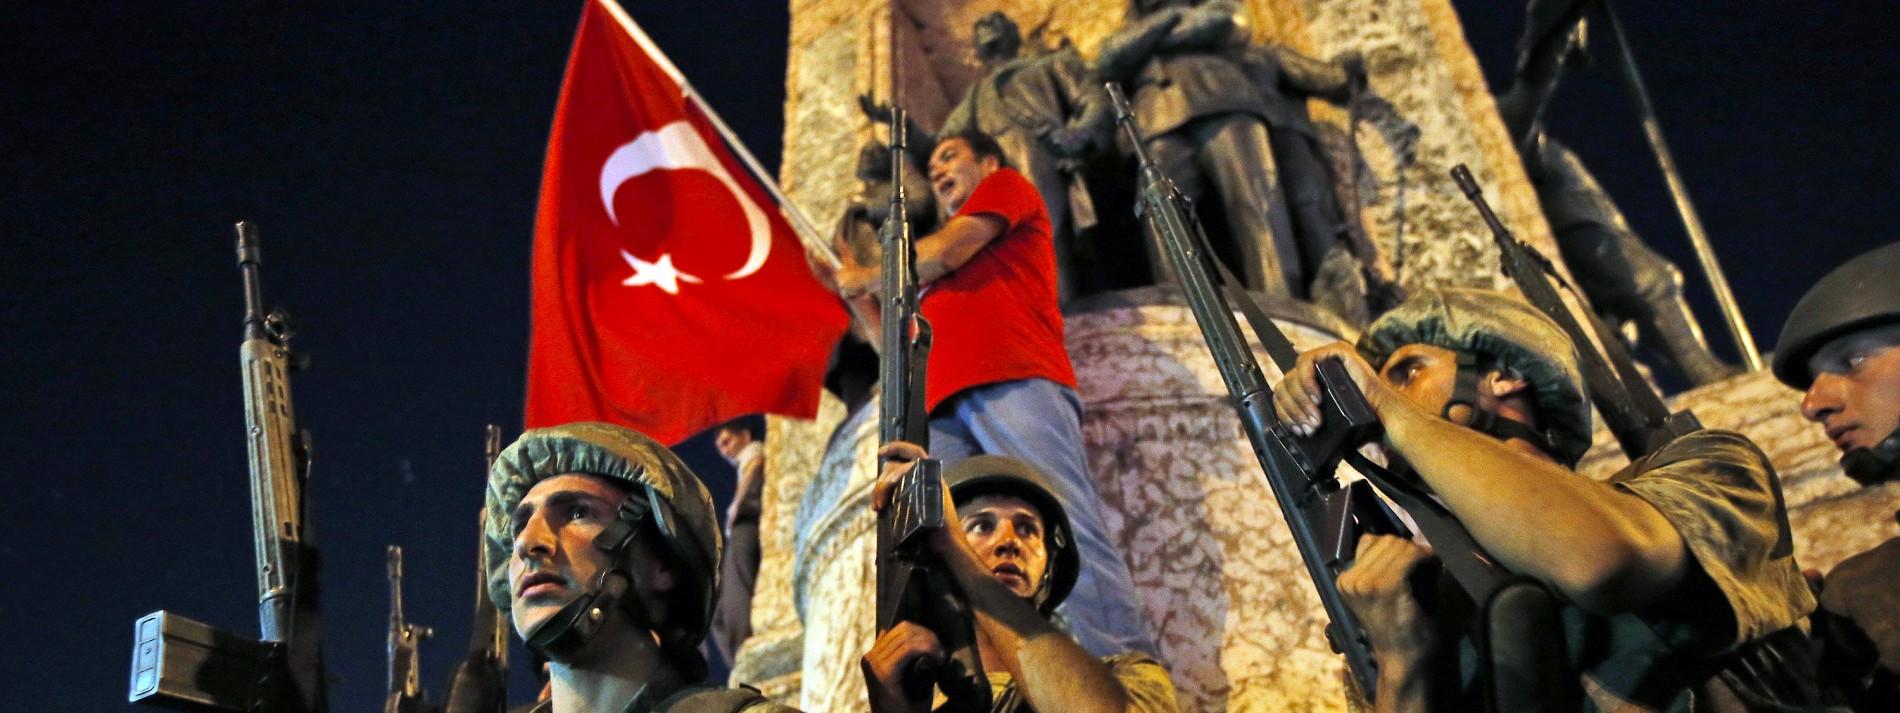 """""""Die leben hier in Freiheit und unterstützen einen Diktator"""""""